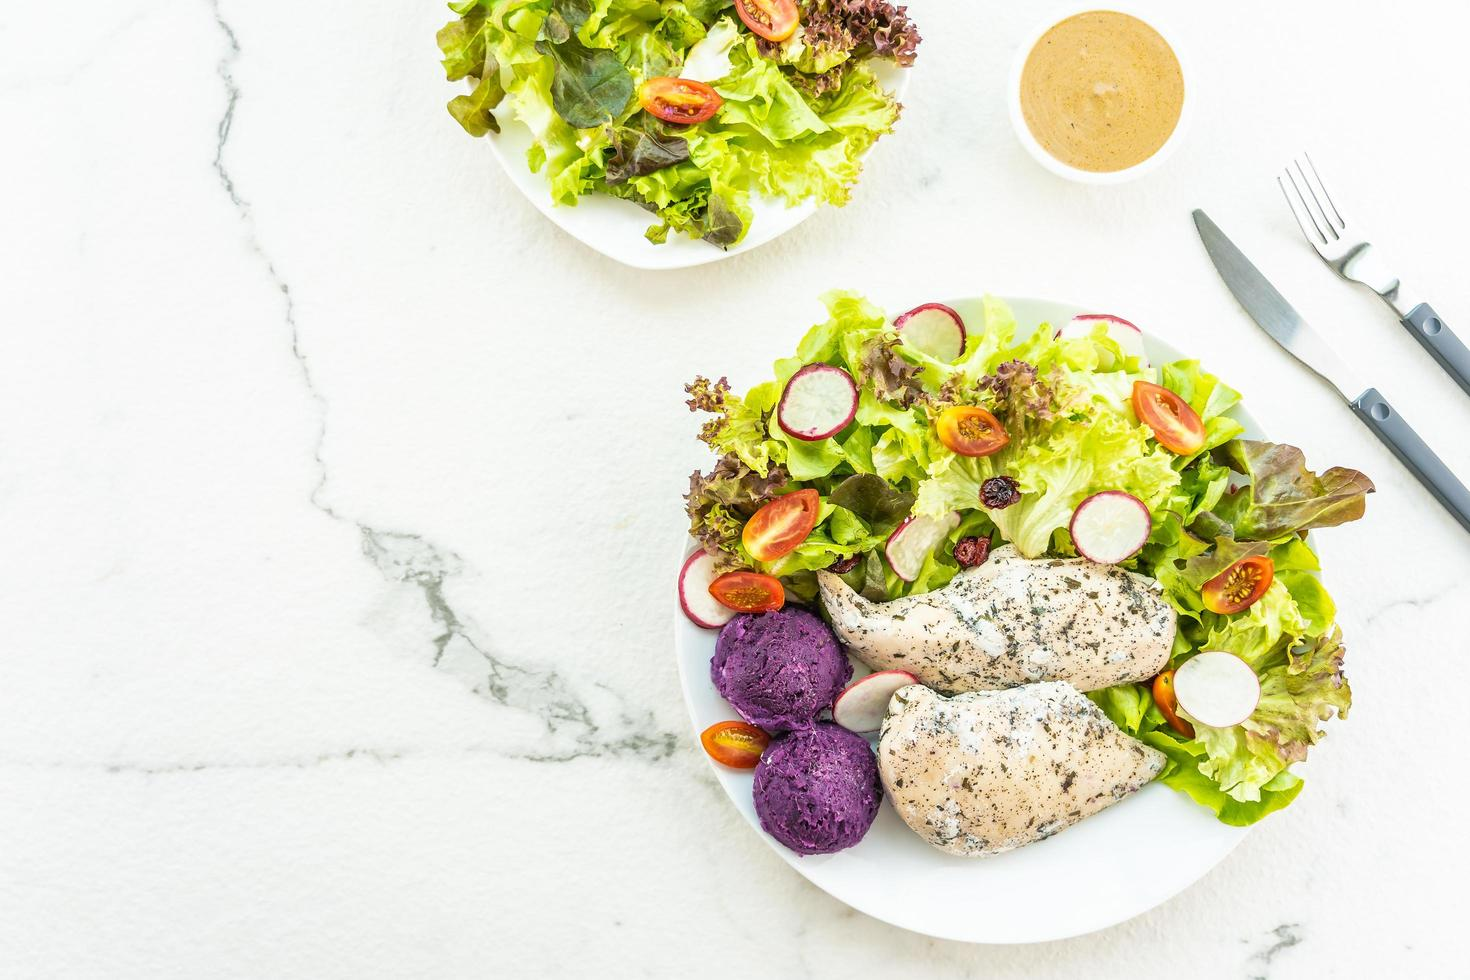 grillad kycklingbröstköttbiff med färsk grönsak foto